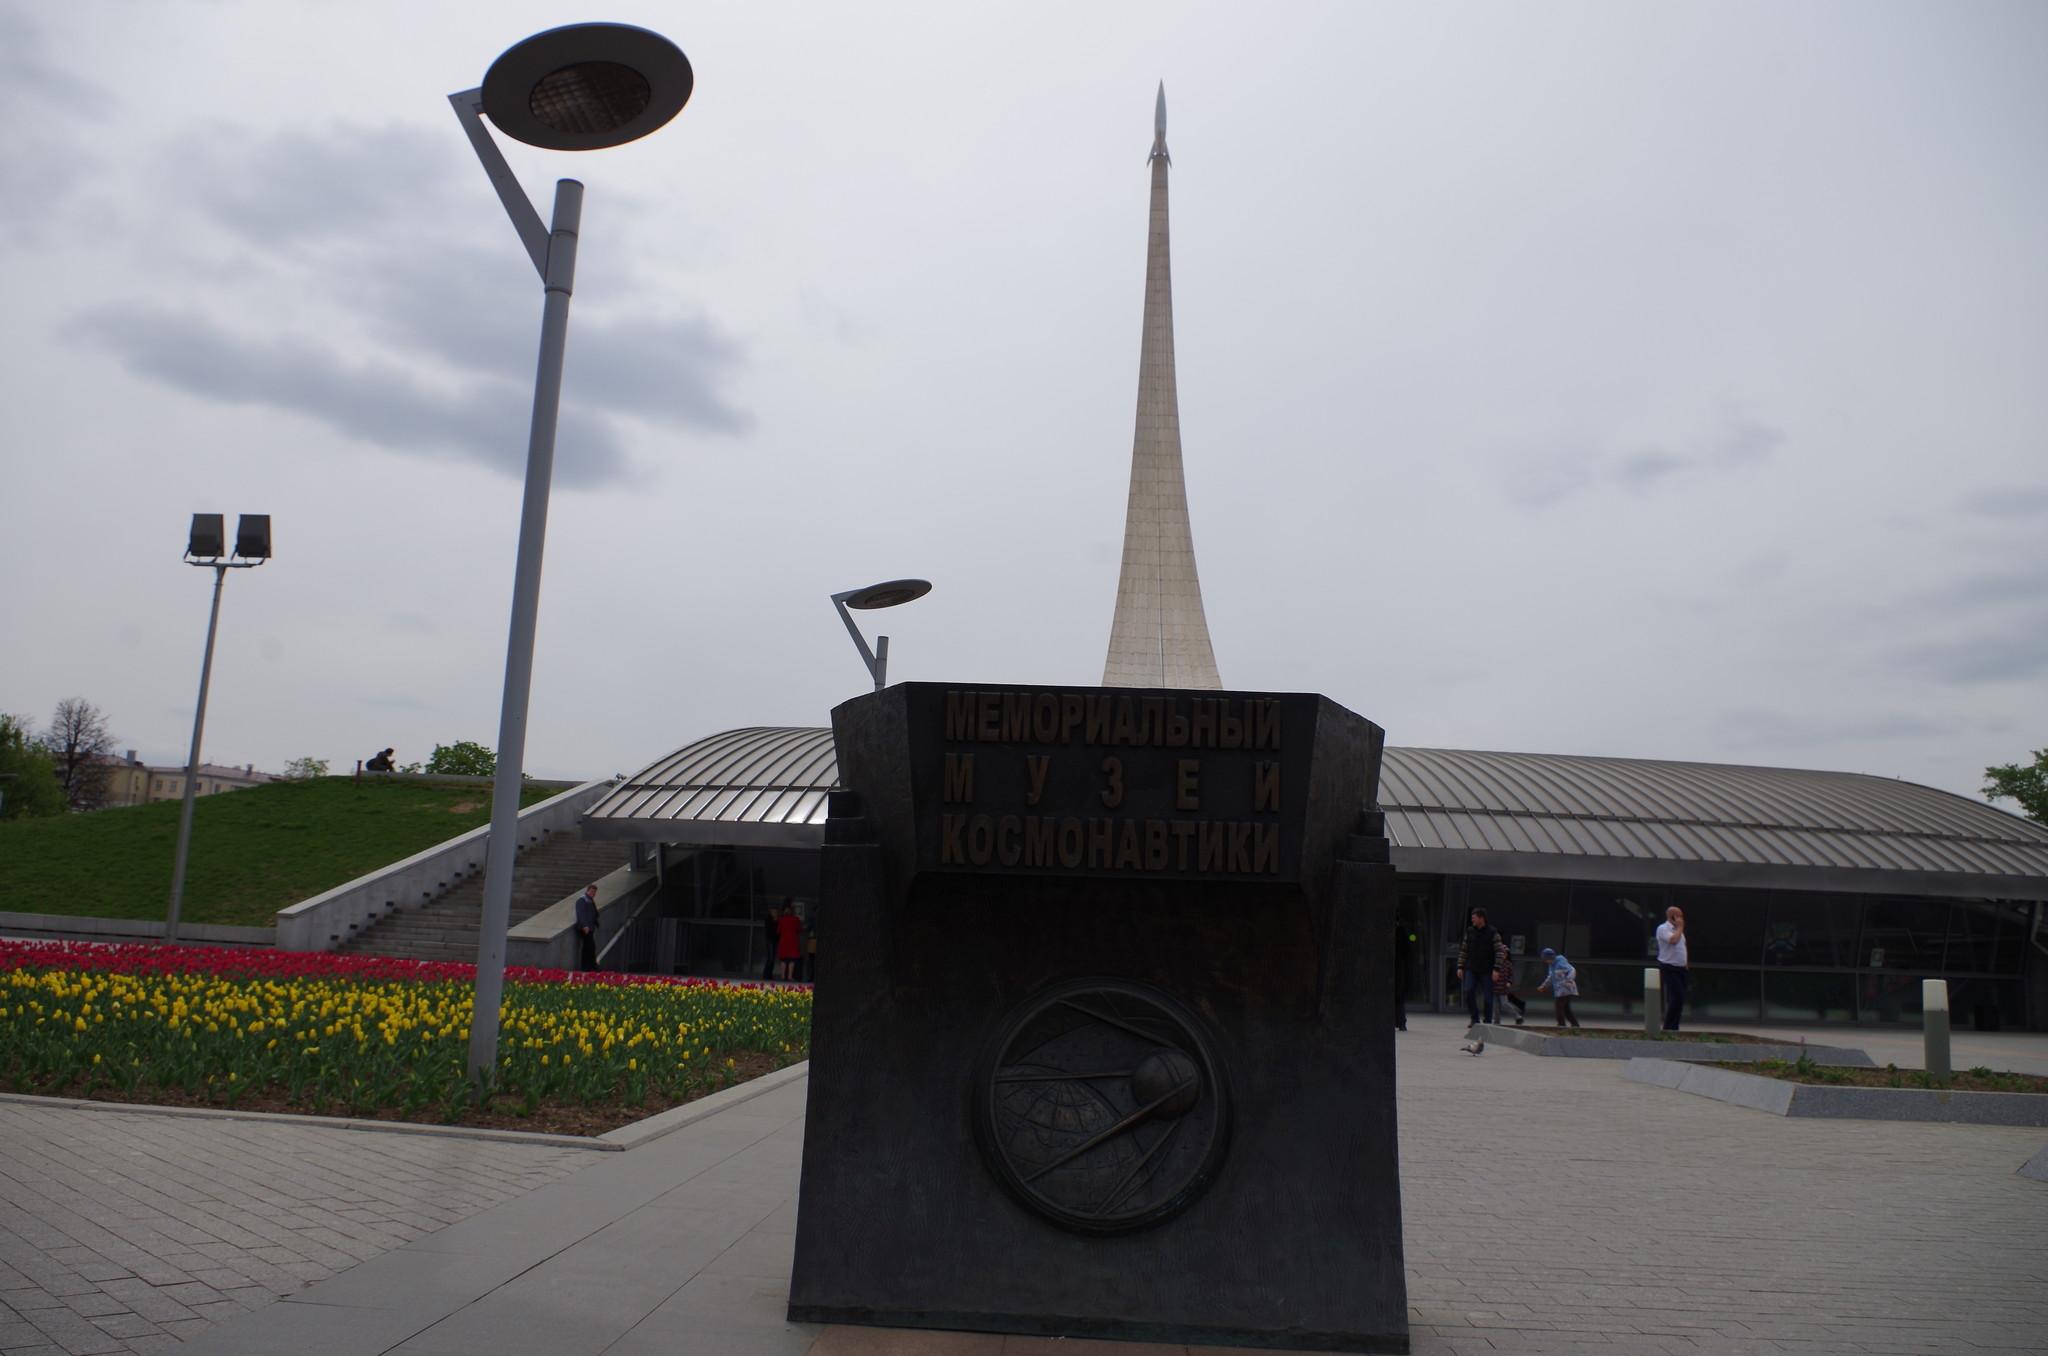 Мемориальный музей космонавтики в Москве (проспект Мира, дом 111)